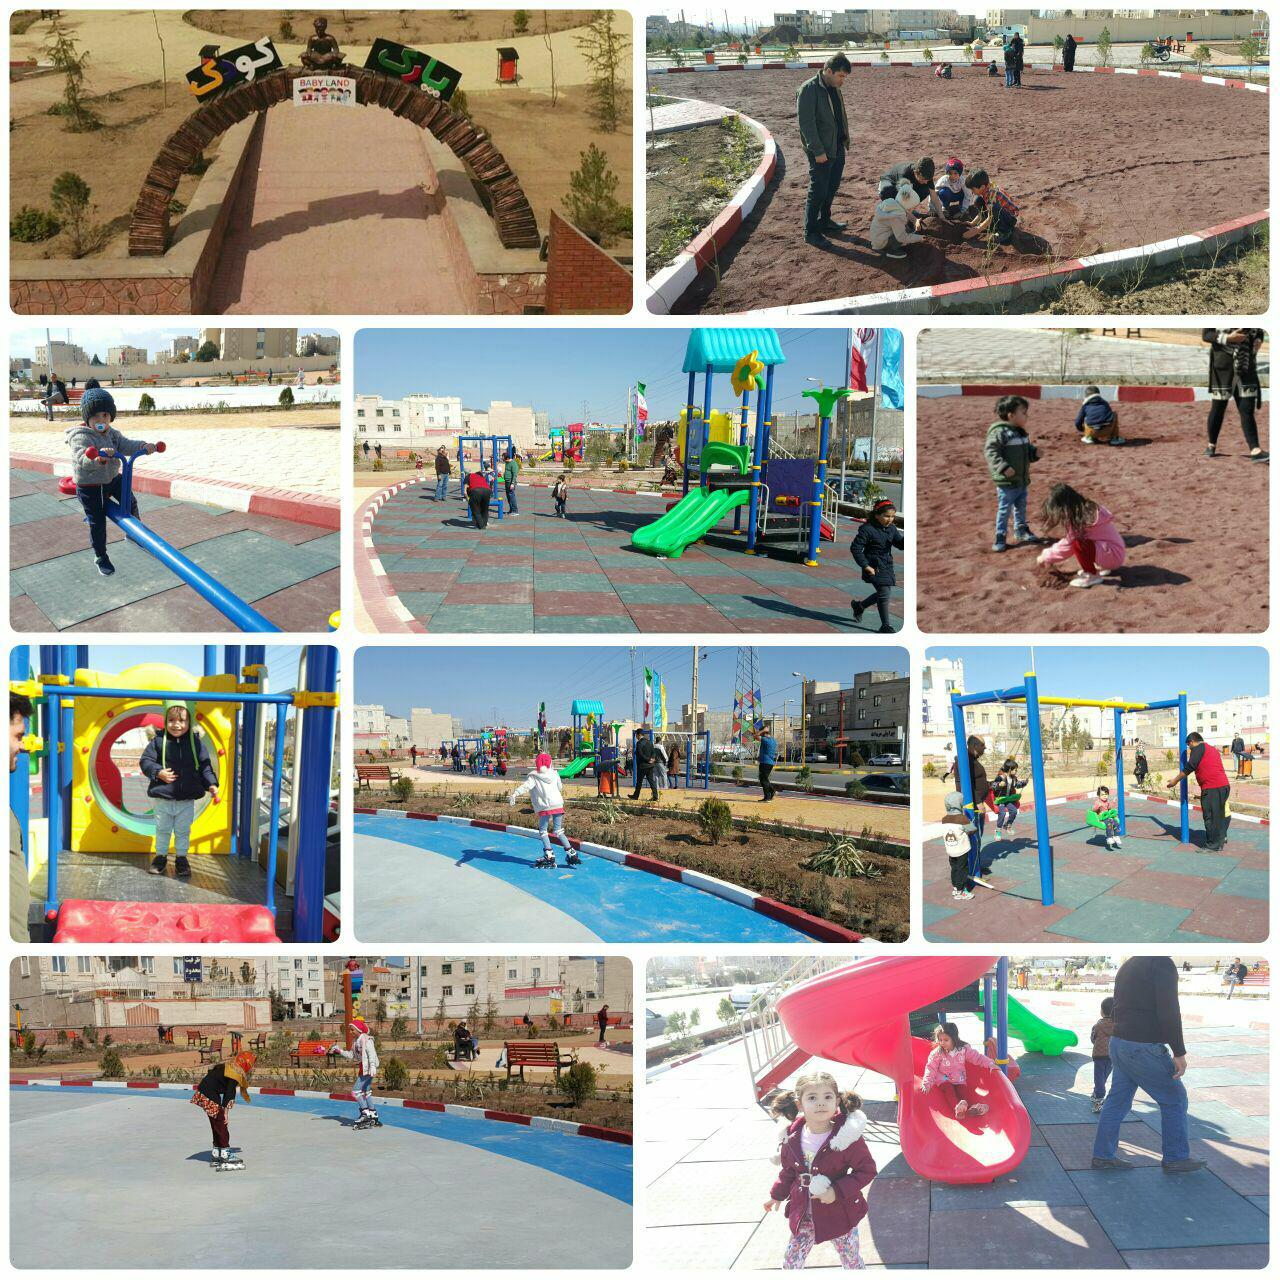 شور و شوق و بازی کودکان در نخستین پارک اختصاصی کودک شهر پرند